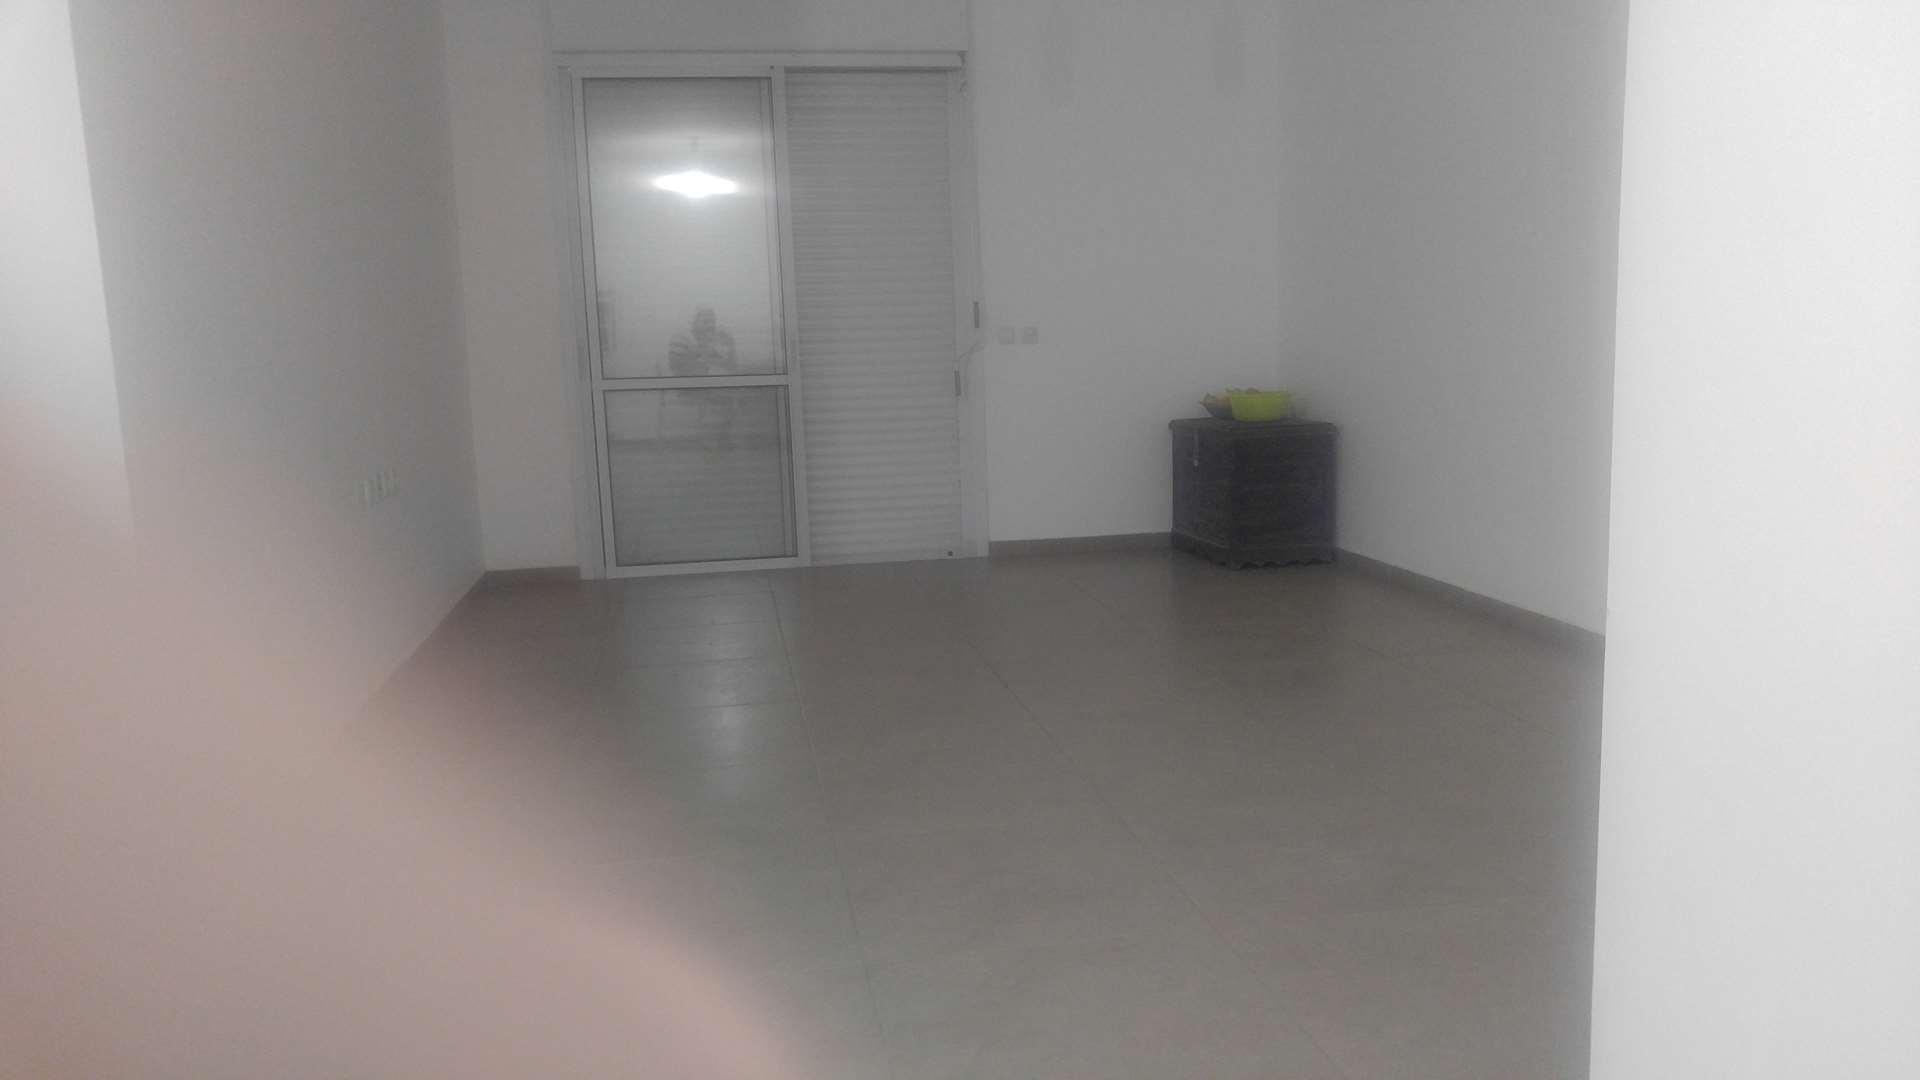 תמונה 3 ,דירה 5 חדרים משה רבינו אחיסמך לוד